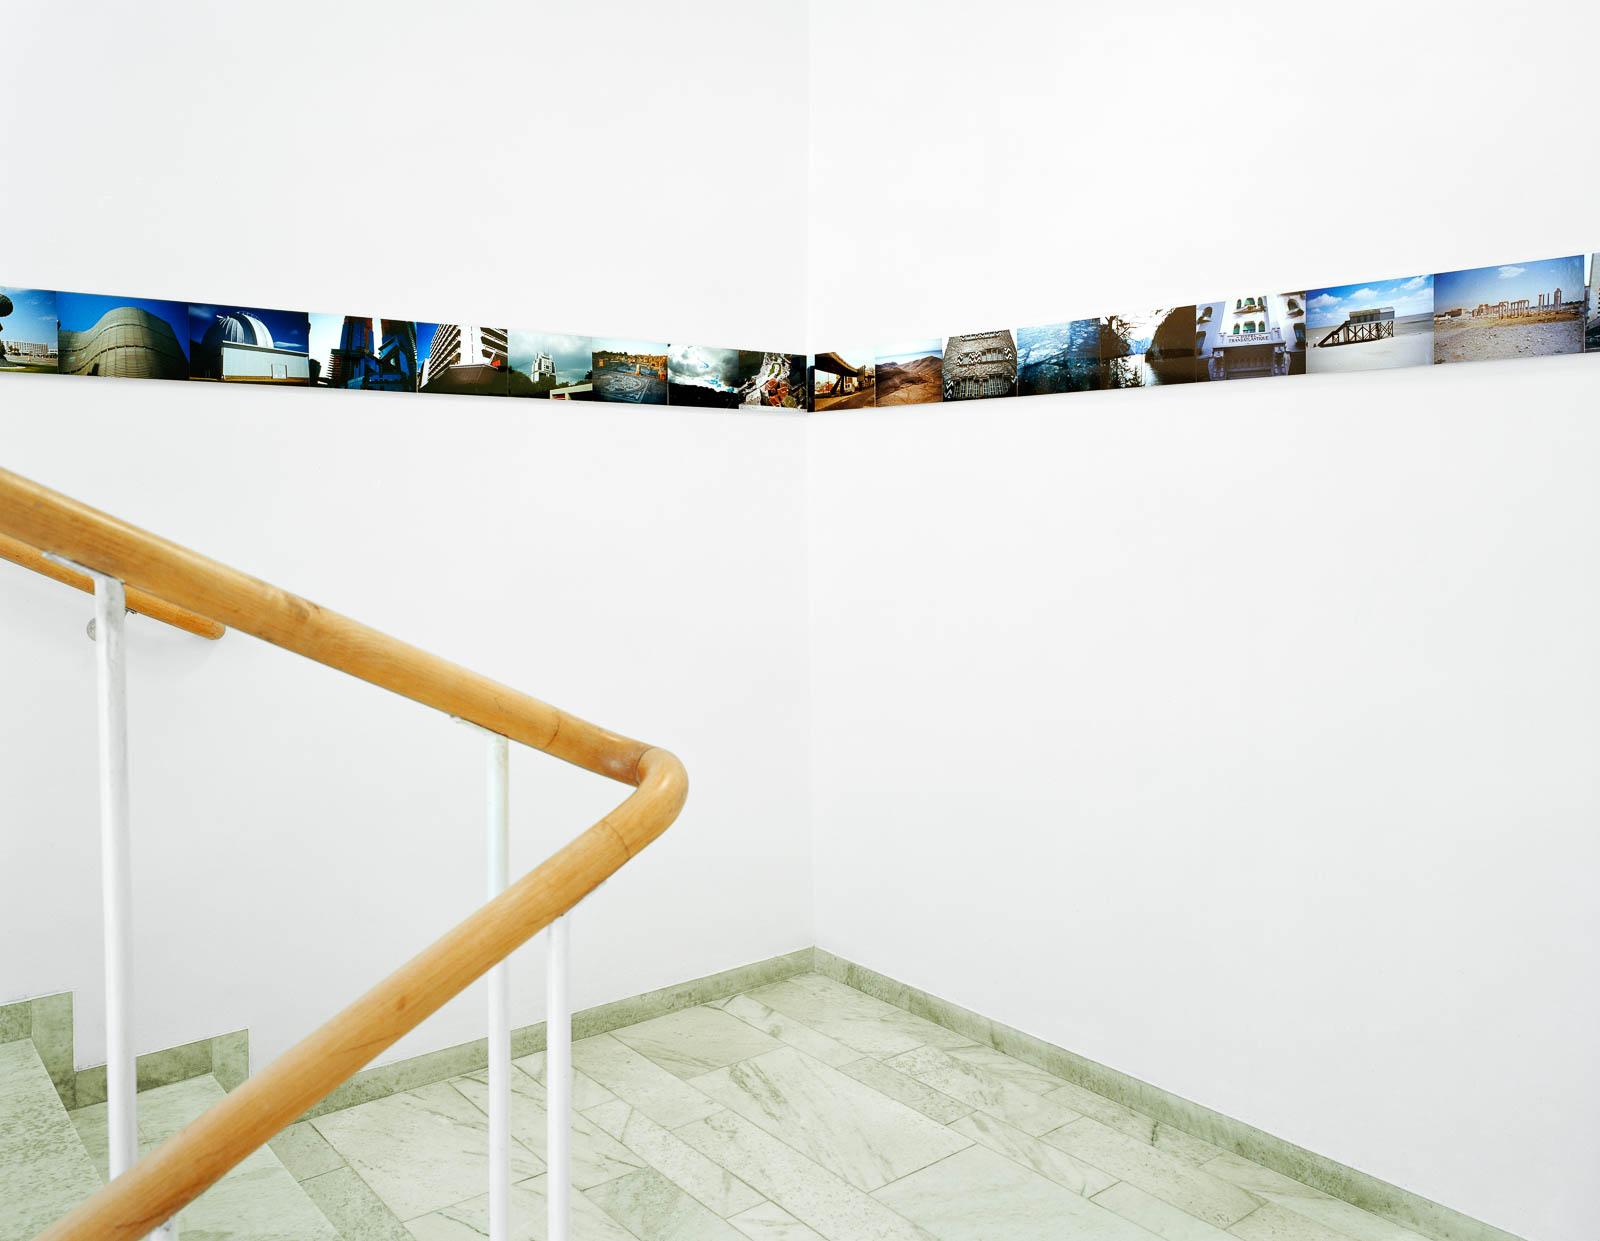 Vitmålat trapphus med en smal bård av fotografier från olika platser som följer väggen. Franz Ackermann, Travelling North, (2007).